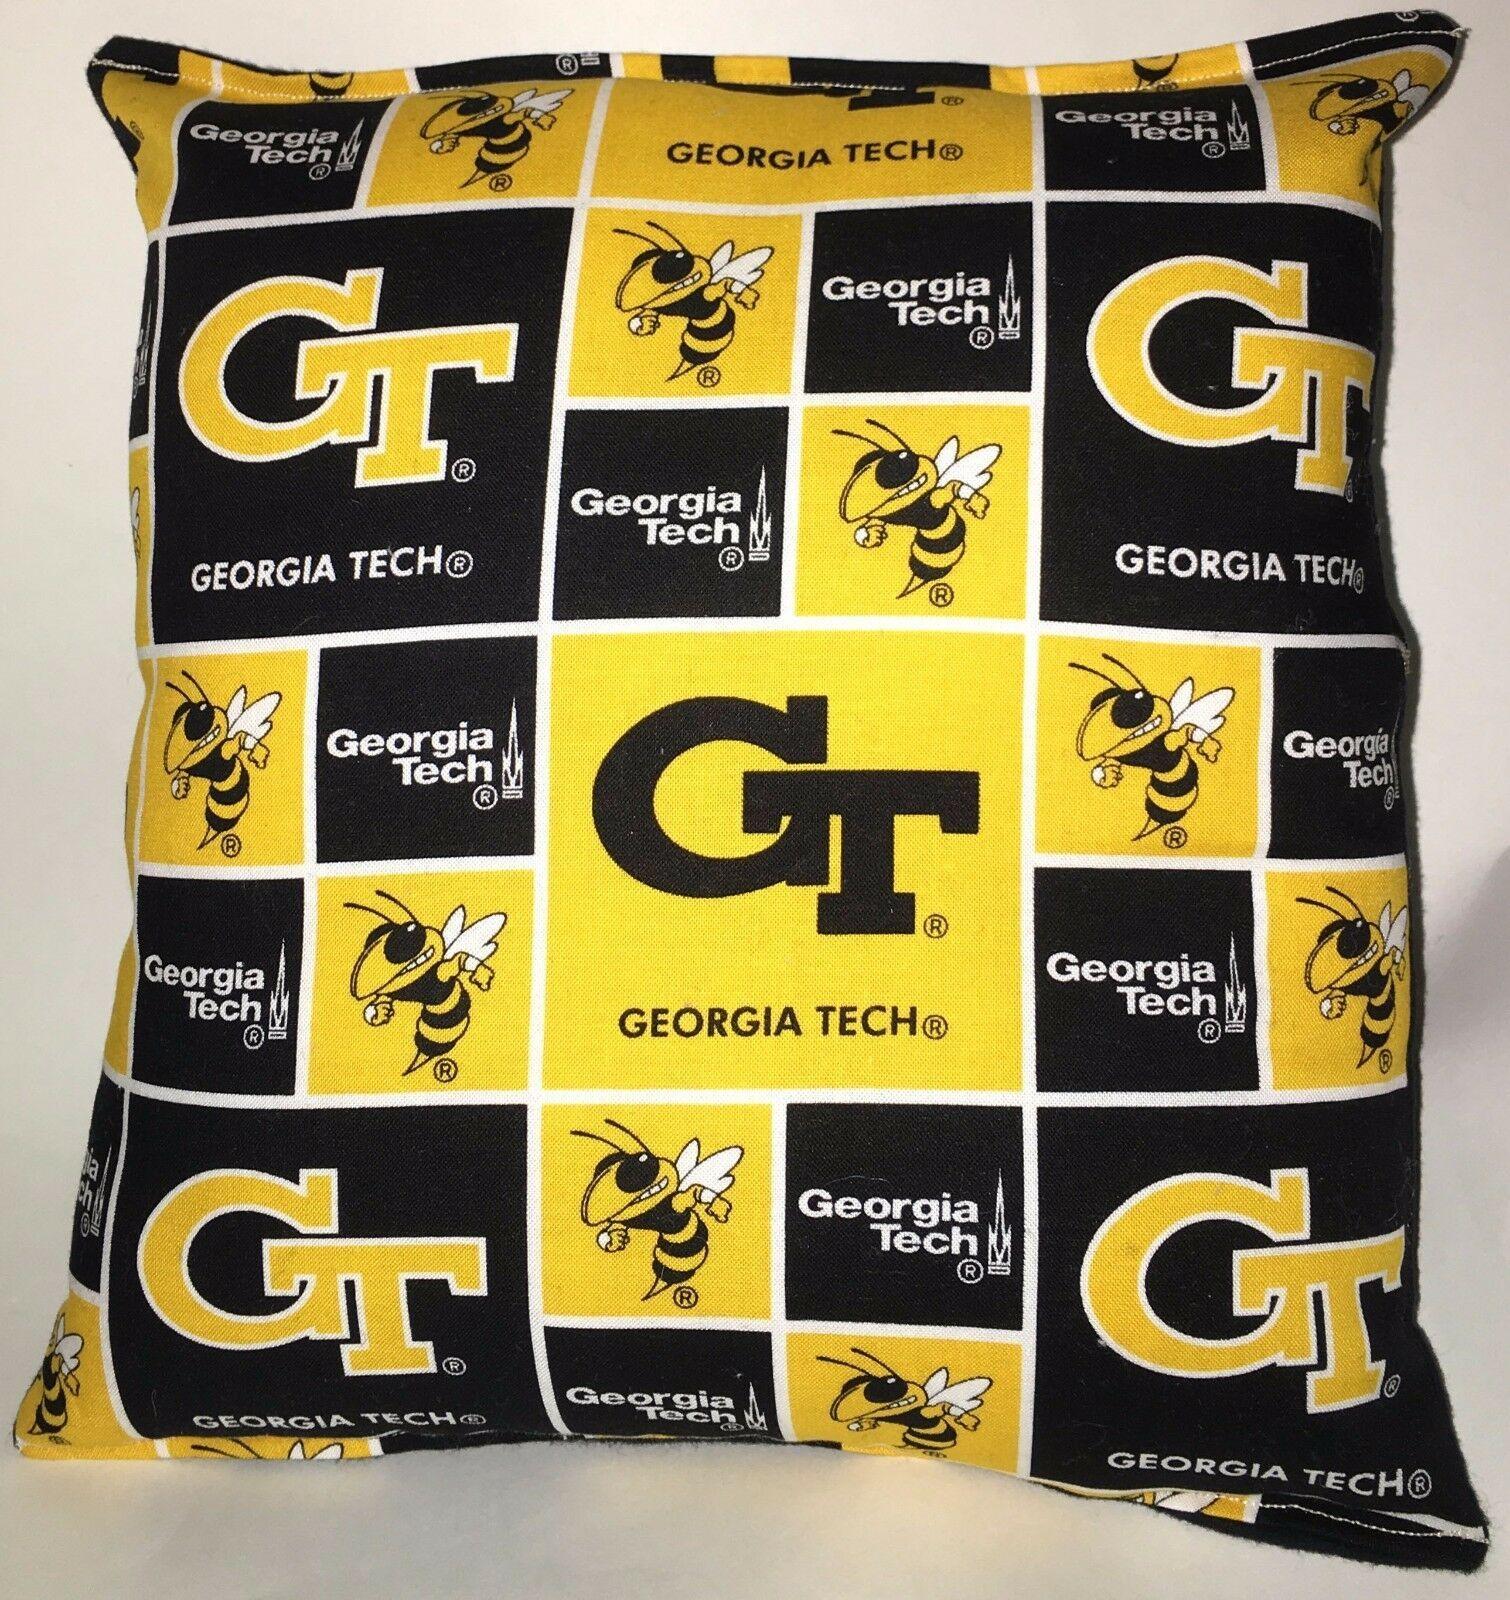 Georgia Tech Pillow GT Football Pillow NCAA HANDMADE In USA Buzz Buzz